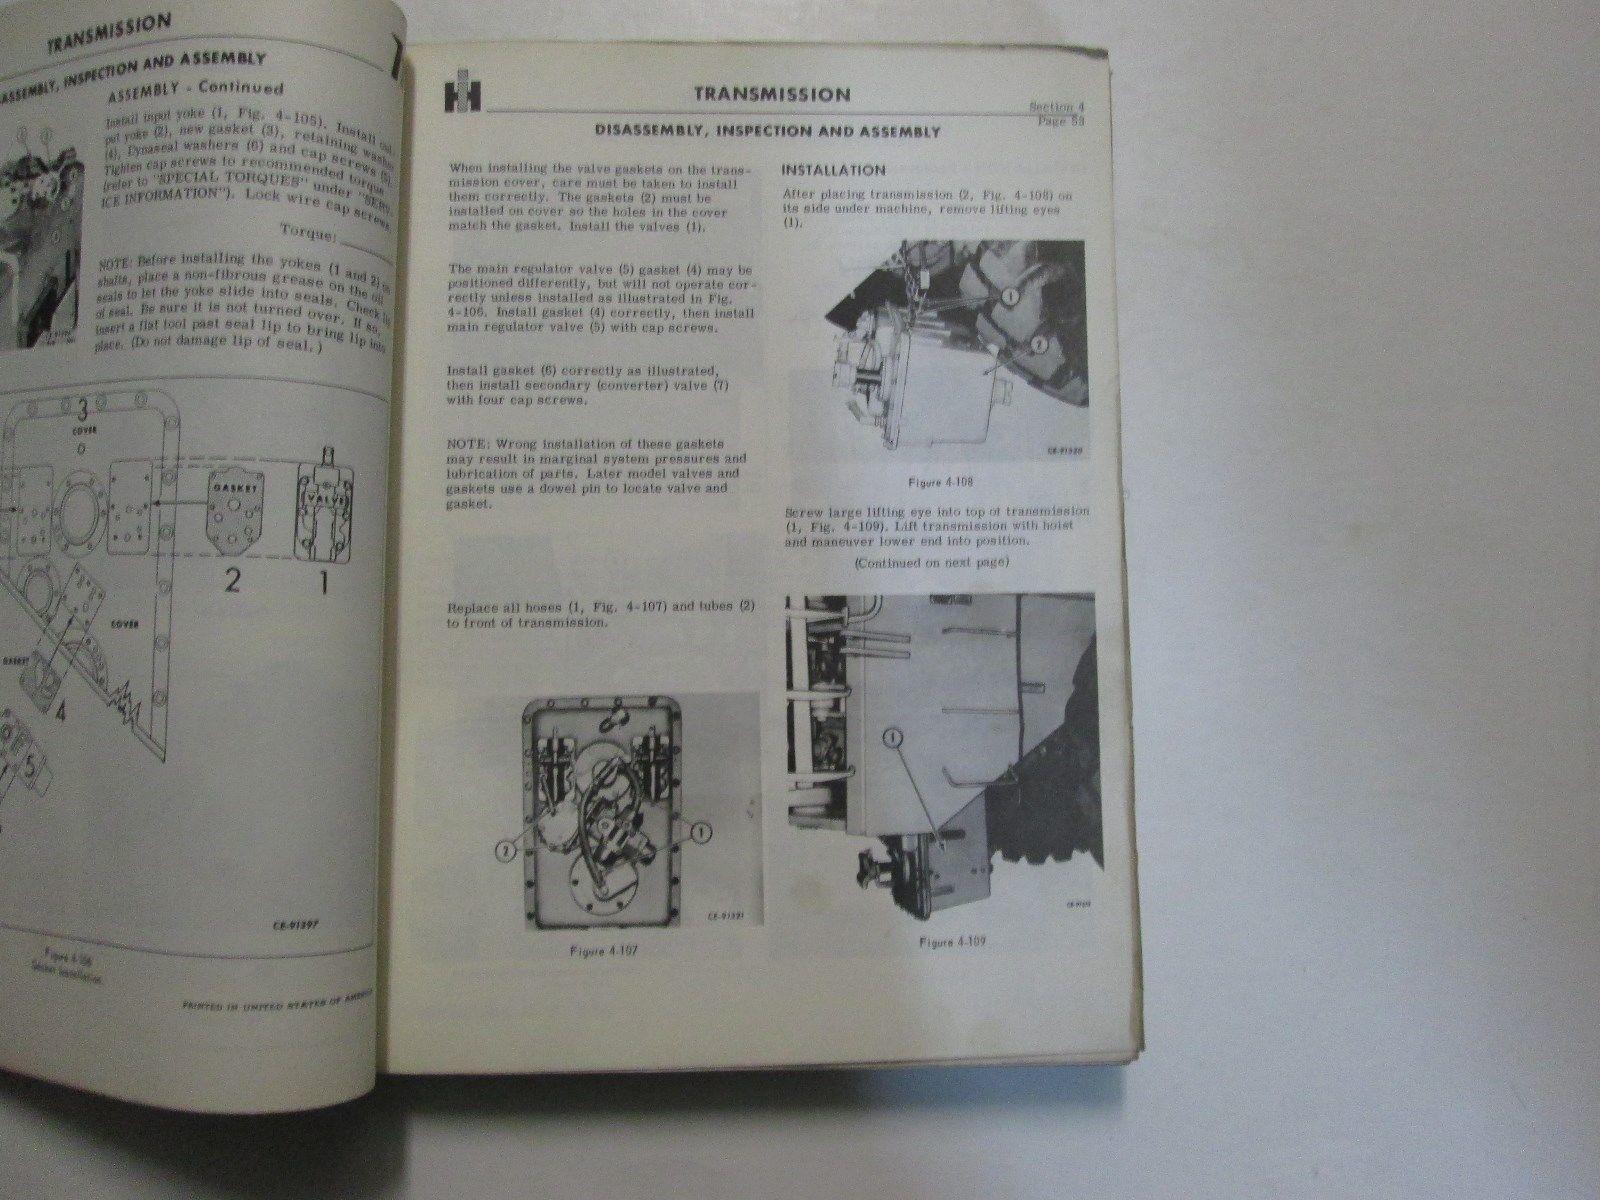 Internazionale Modello H-400 Paga Carico Servizio Manuale Luglio 1968 Usato Oem